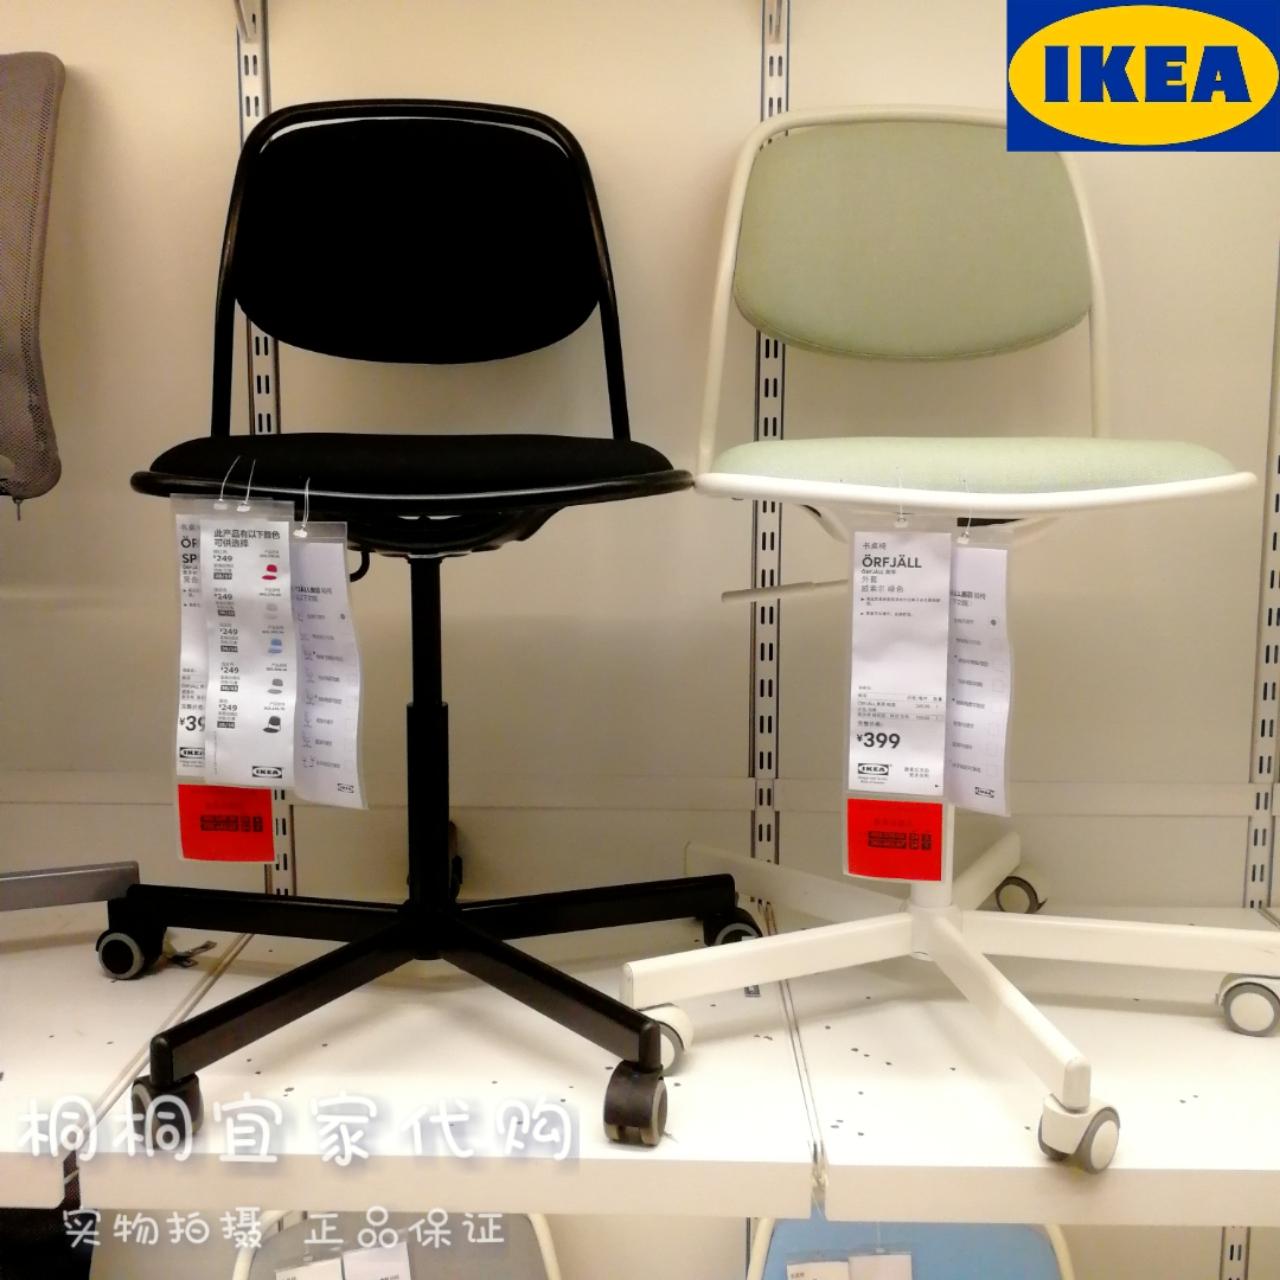 宜家国内代购 奥菲 / 斯多林 转椅子电脑椅 办公室转椅 男女转椅